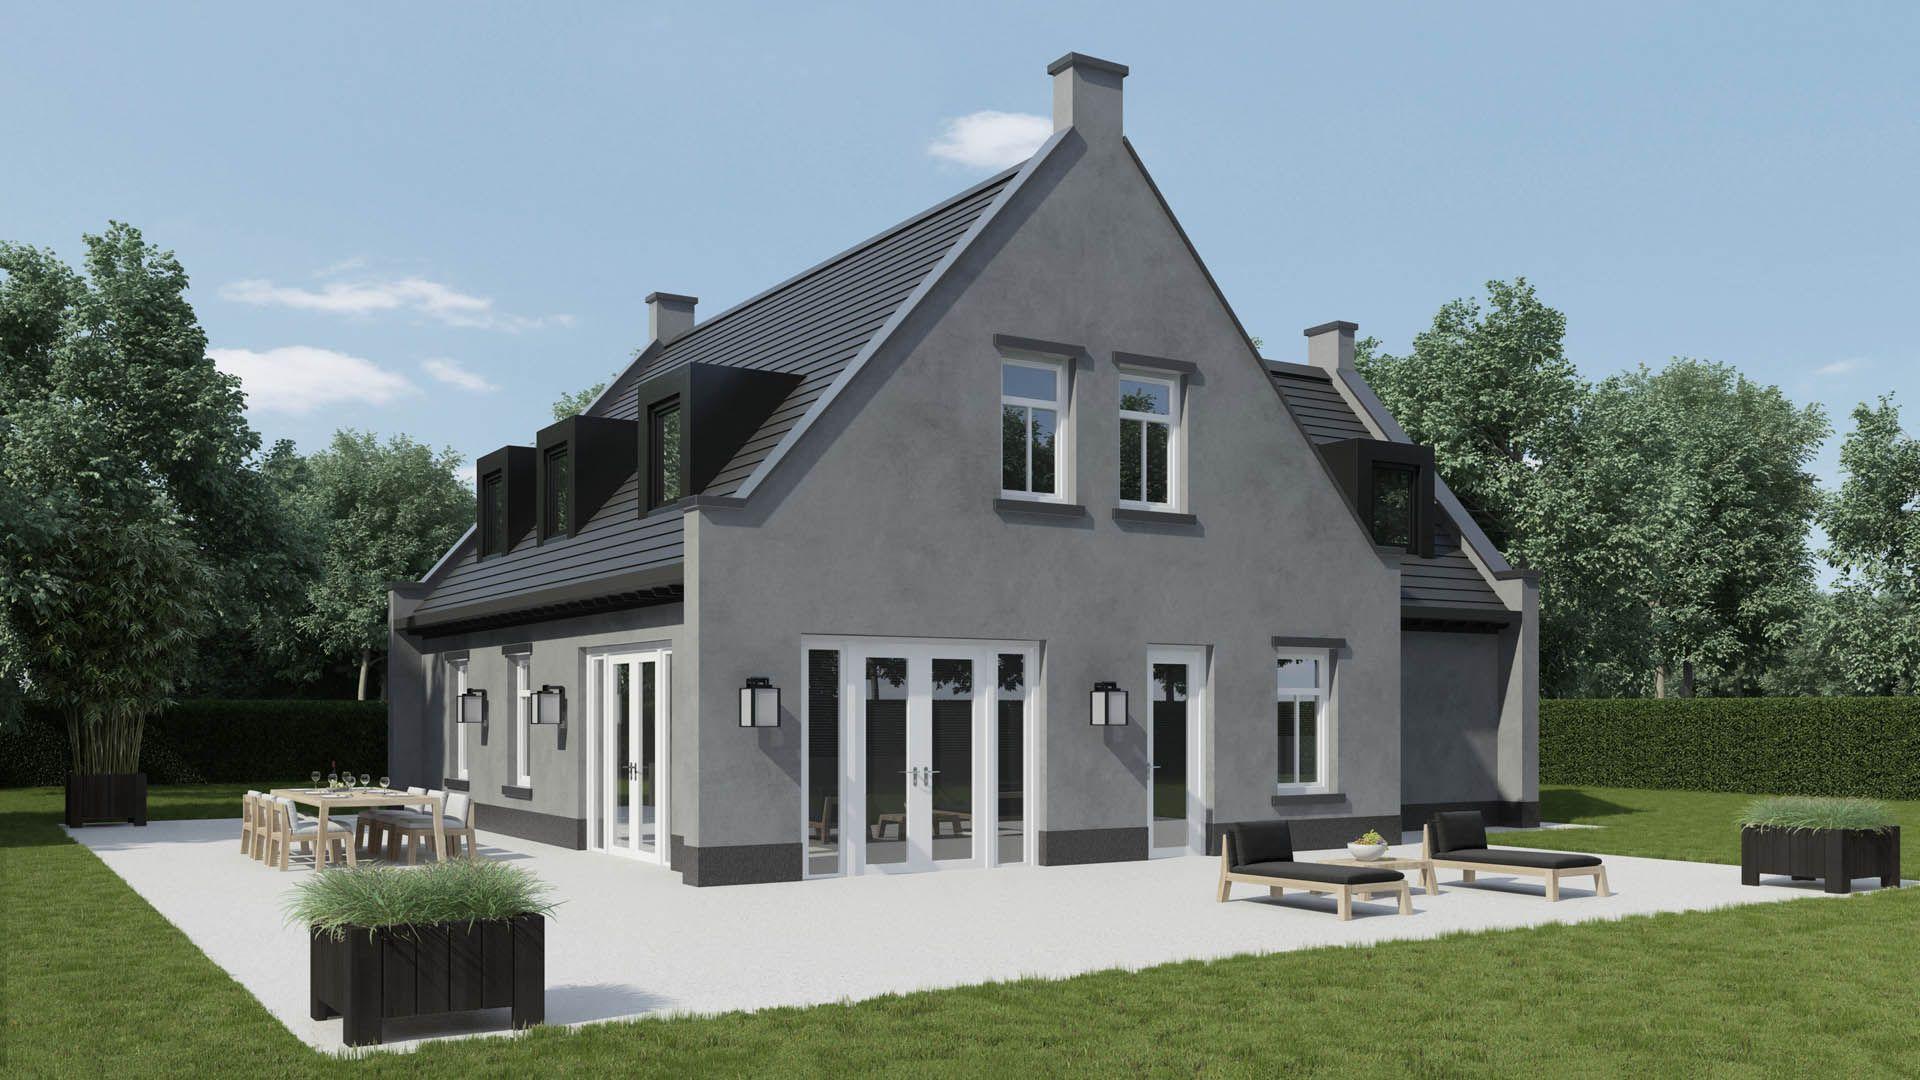 Huizen ontwerp bertram beerbaum kabaz woonhuis robin en linda